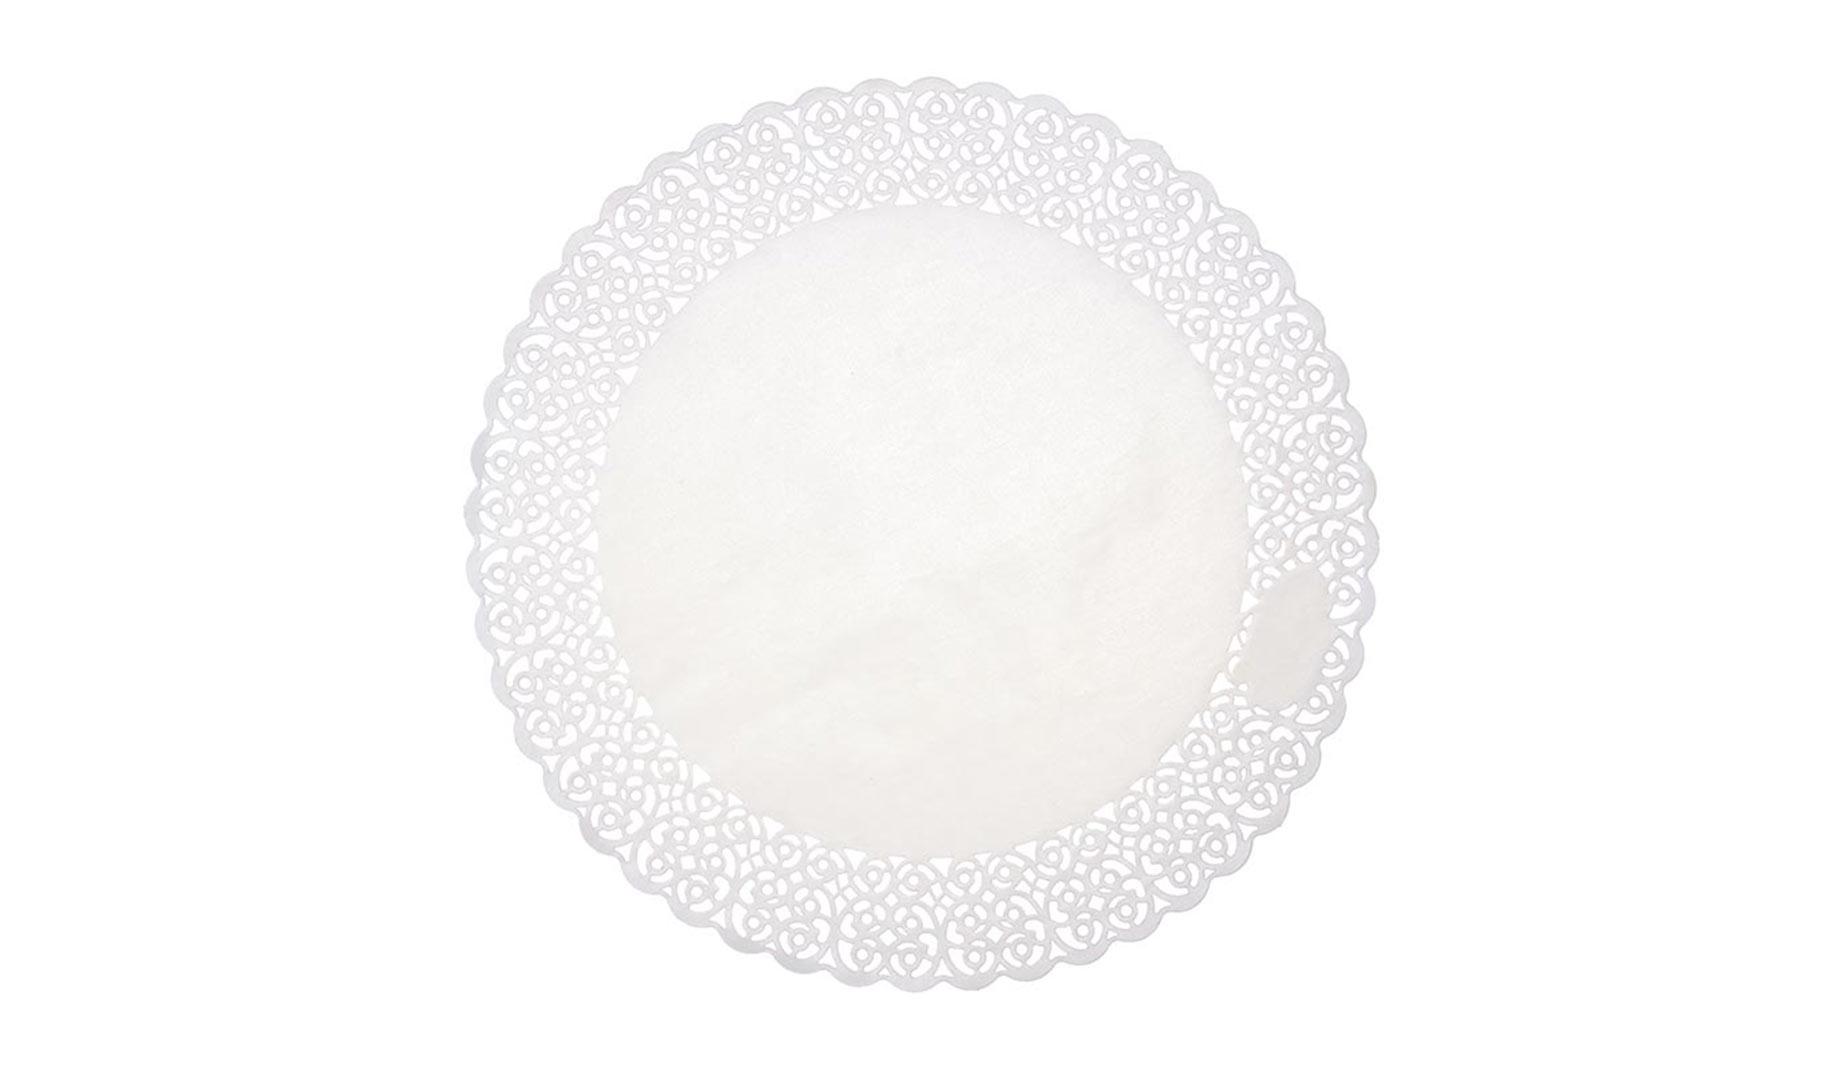 PIZZI EUR. 40 Paper laces